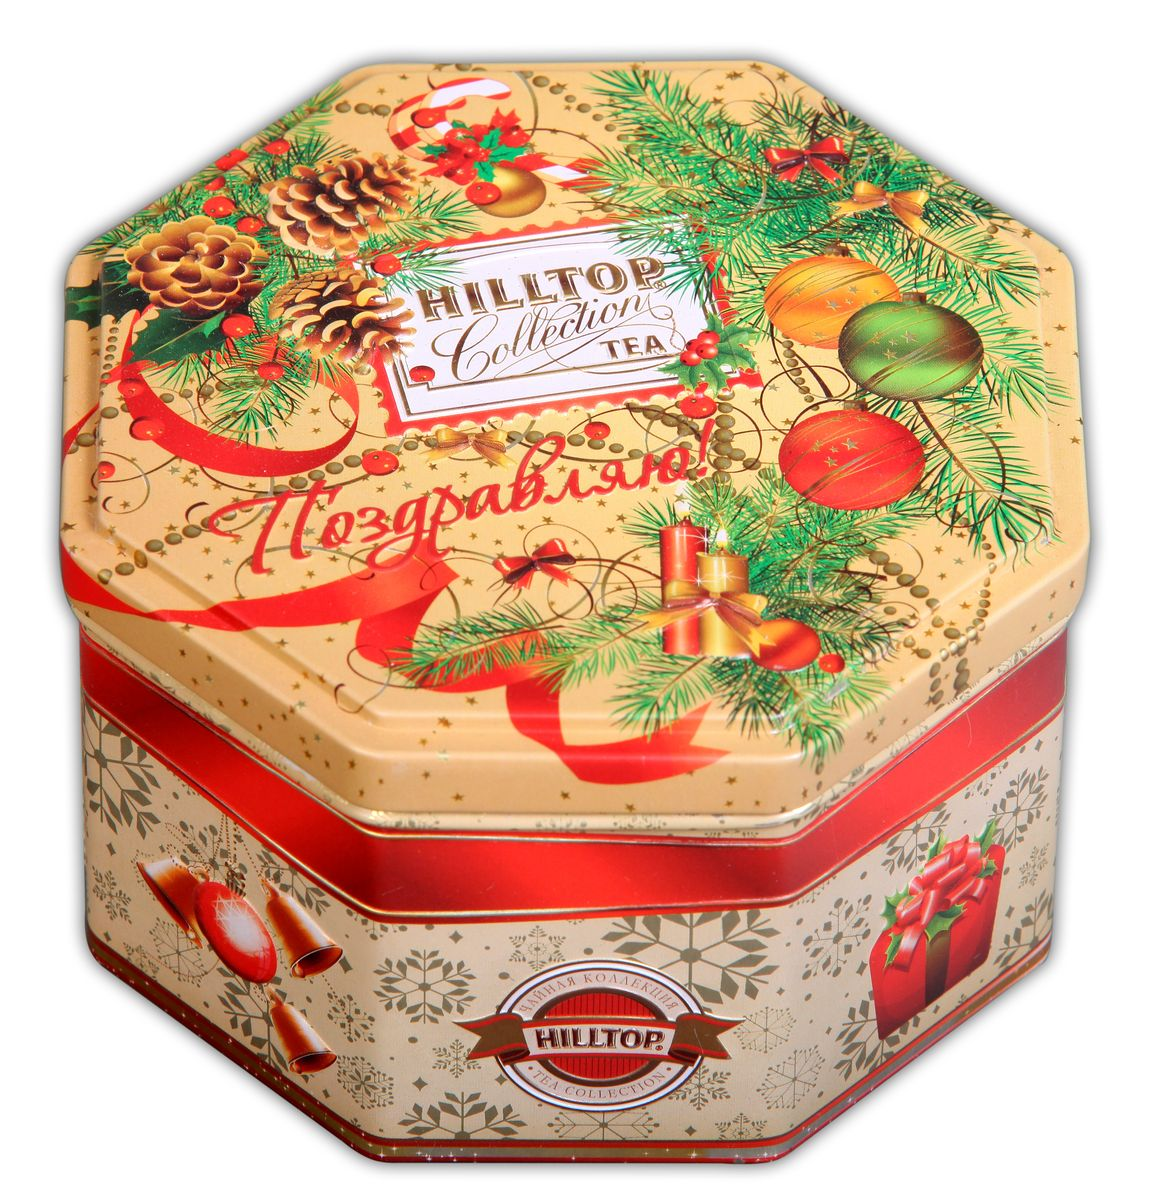 Hilltop С Новым годом Королевское золото черный листовой чай, 150 г0120710Чай Hilltop в восьмигранной шкатулке С Новым годом! станет прекрасным подарком для ценителей цейлонского чая. Внутри шкатулки вы найдете чёрный чай Hilltop Королевское золото стандарта Супер Пеко, собранный на лучших плантациях острова Цейлон, с терпким вкусом и насыщенным ароматом. Этот чай прекрасно тонизирует и согревает в любое время дня и подарит вам радость зимнего чаепития в кругу родных и друзей.